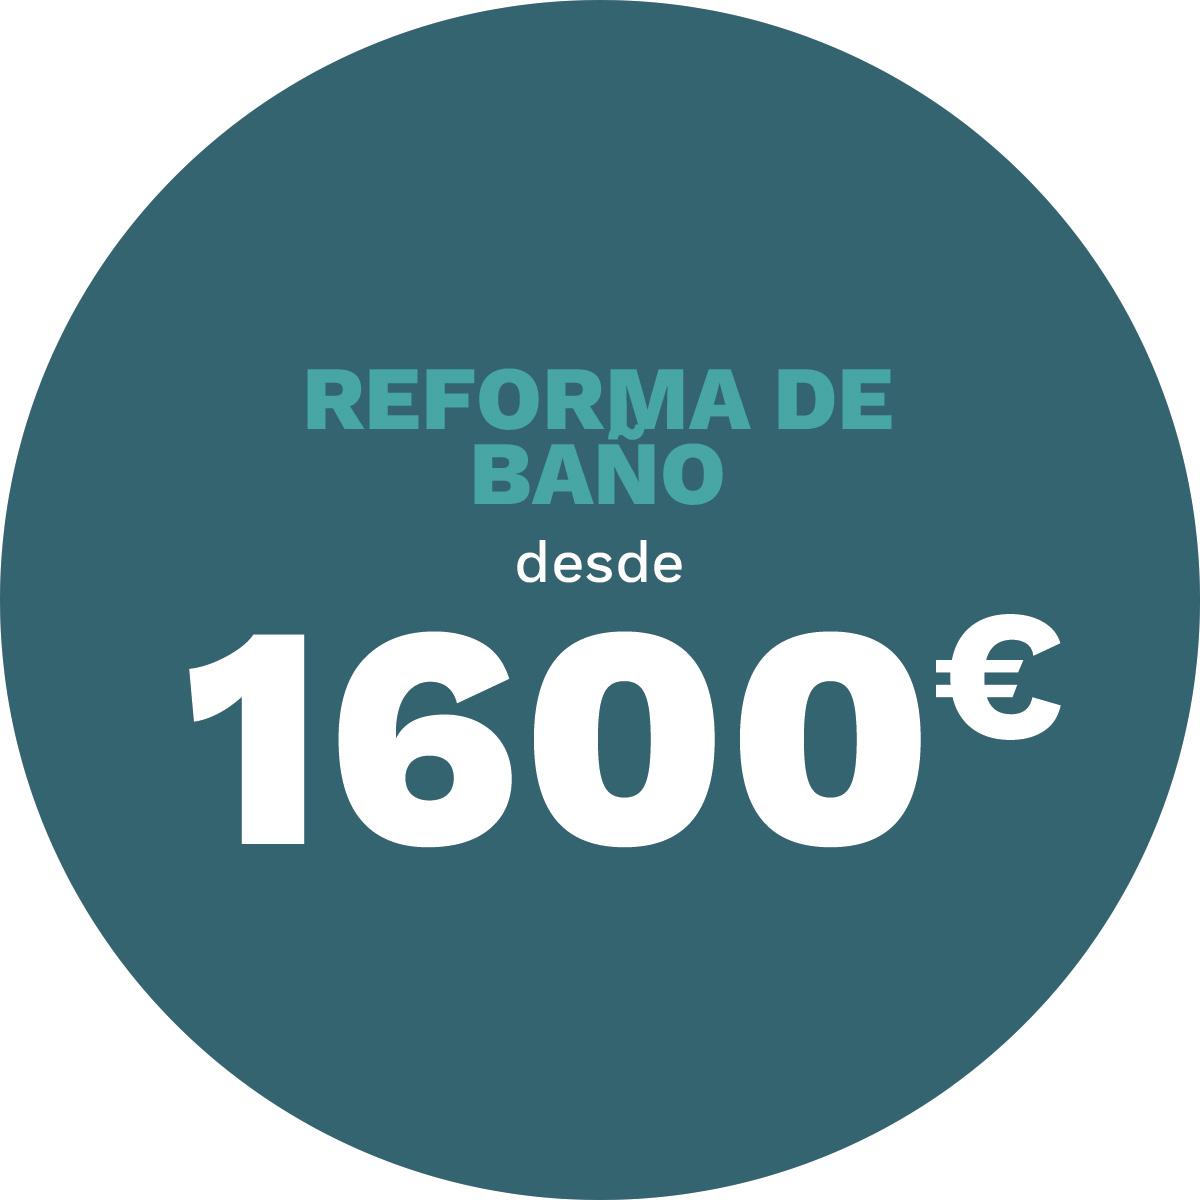 RIANJE · Construcción y reformas · Reforma tu baño desde 1600€